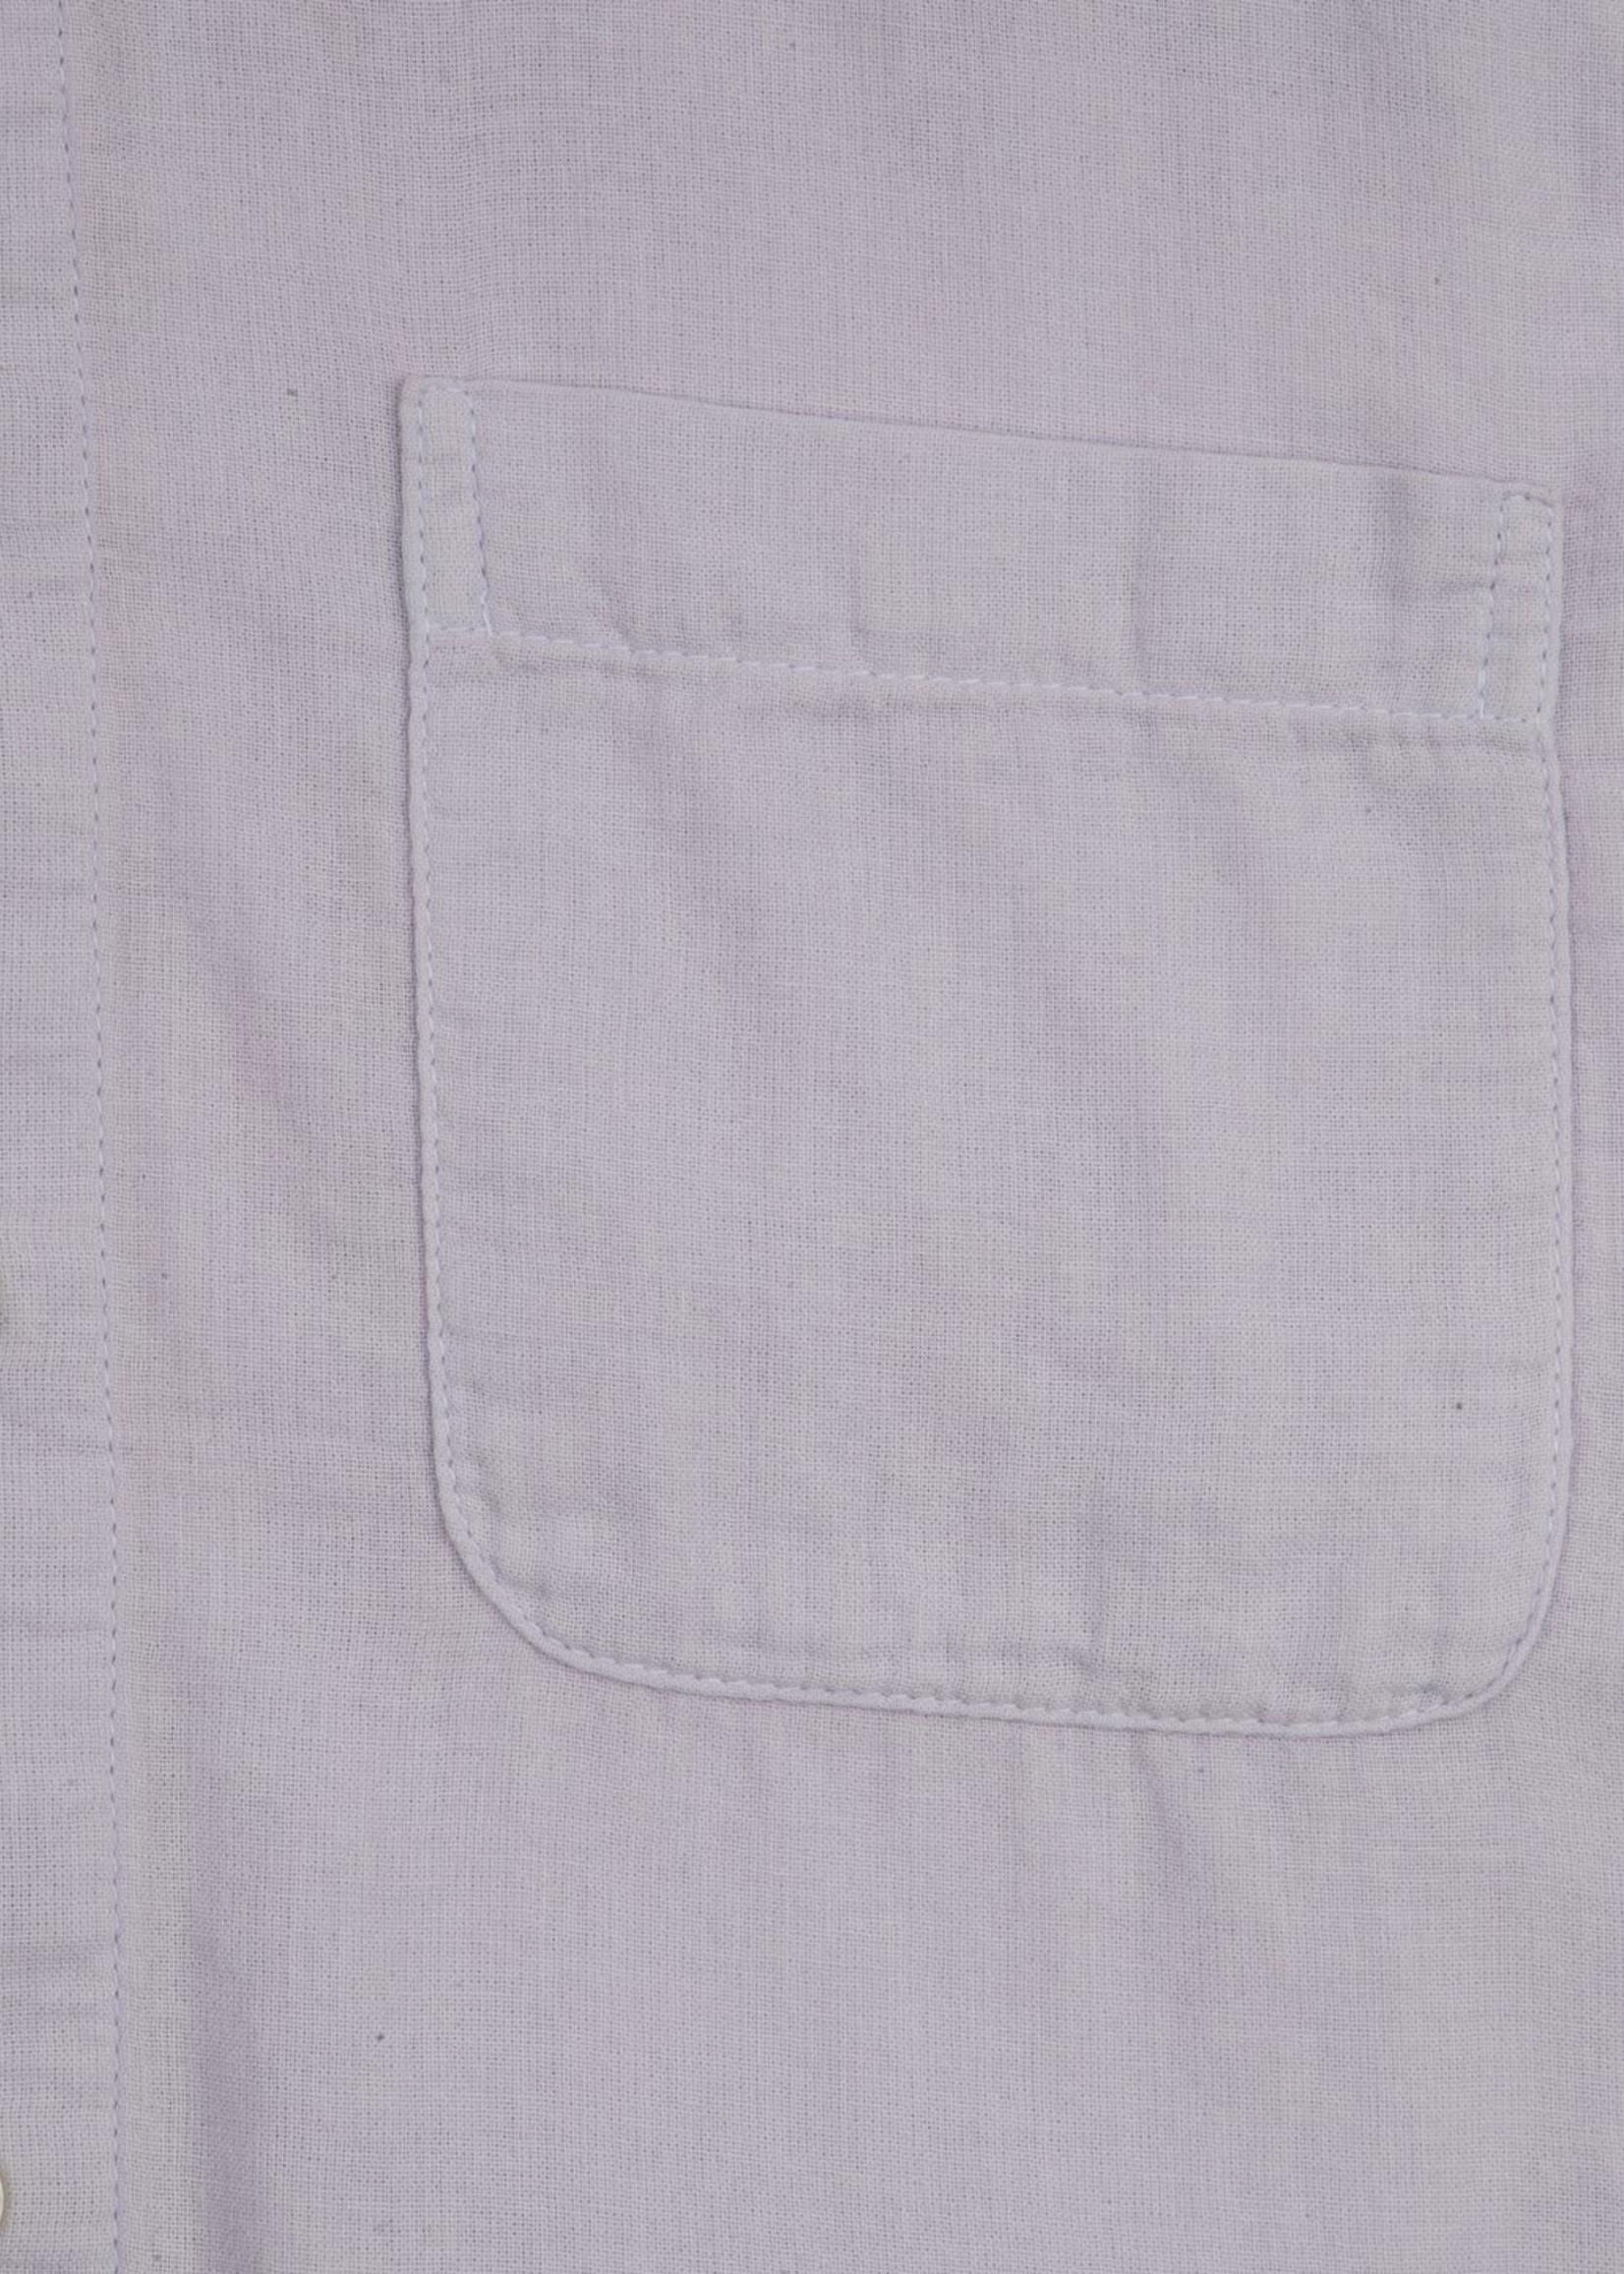 Kato Kato Lavender Vintage Double Gauze Shirt